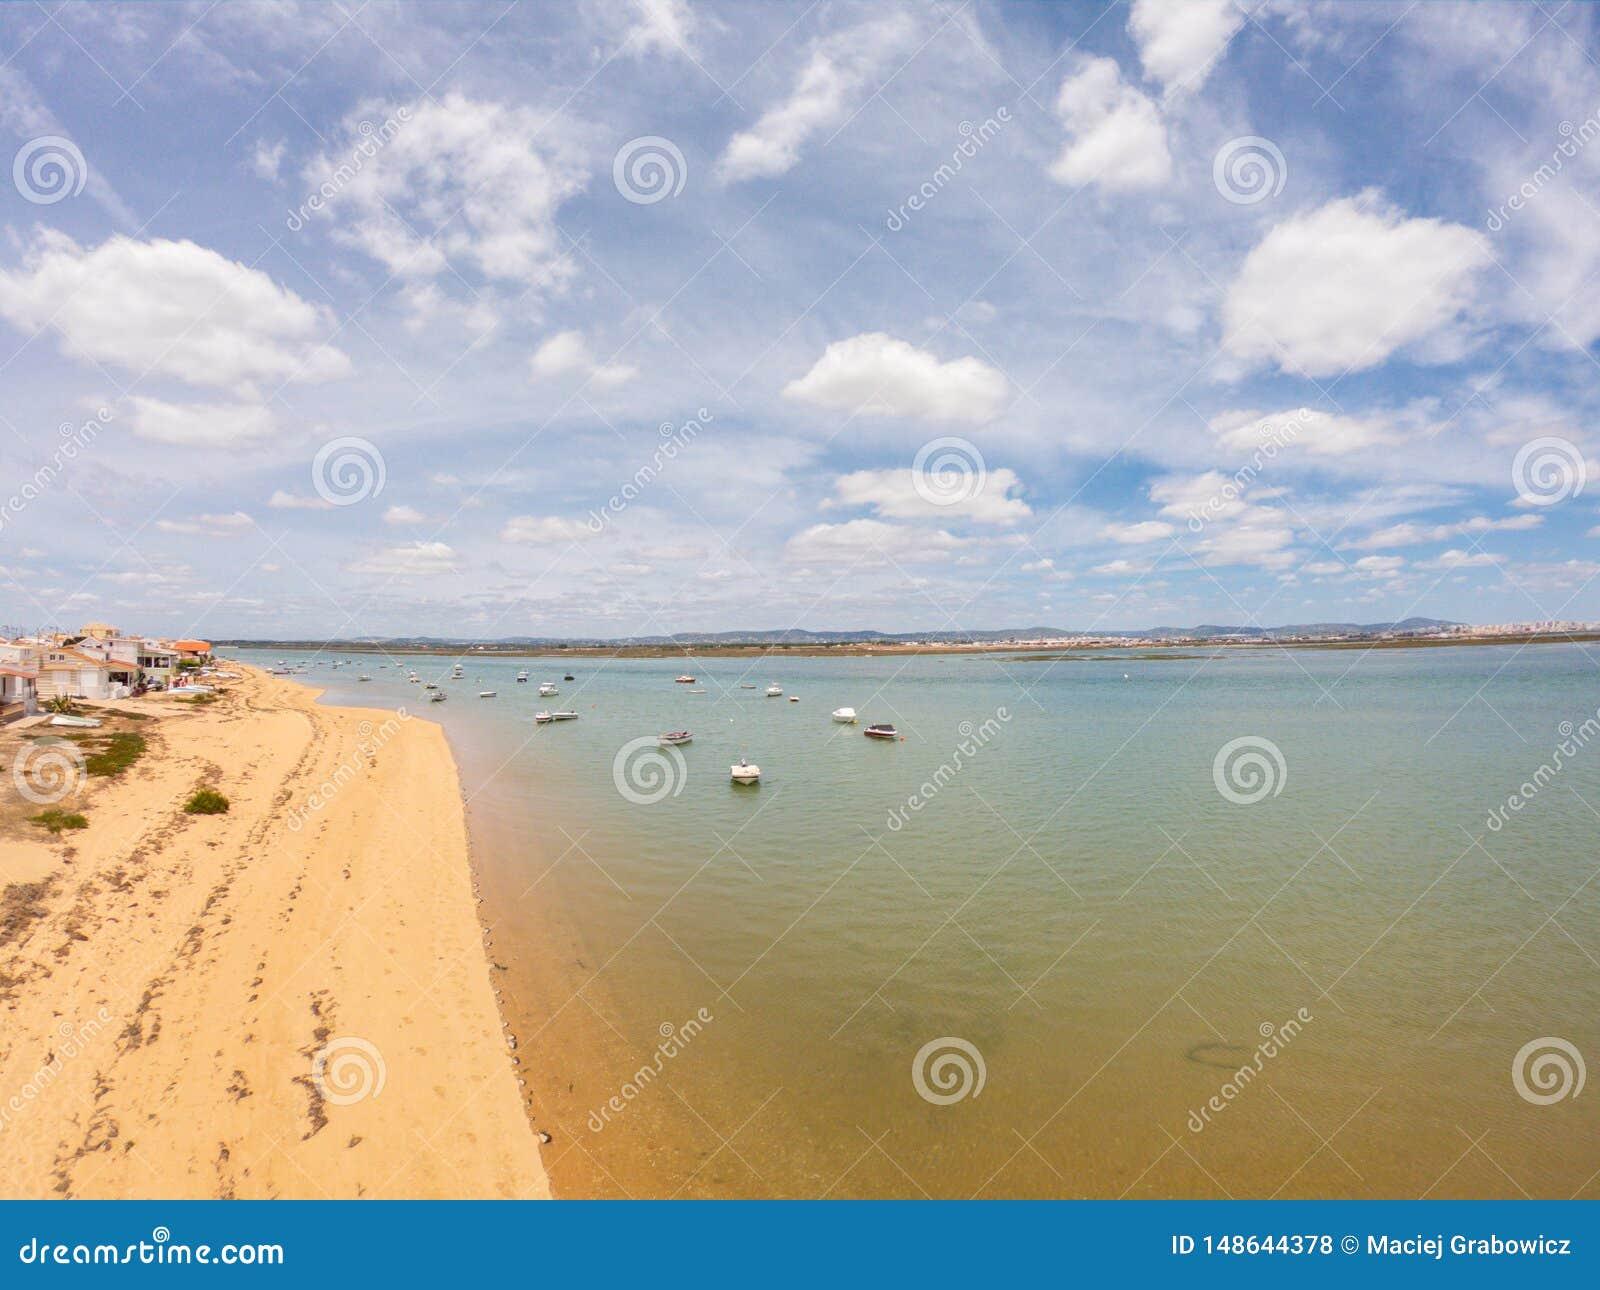 Praia De Faro, Algarve, Portugalia Widok z lotu ptaka na wybrze?u ocean i pla?a ?odzie na wodzie, trutnia widok